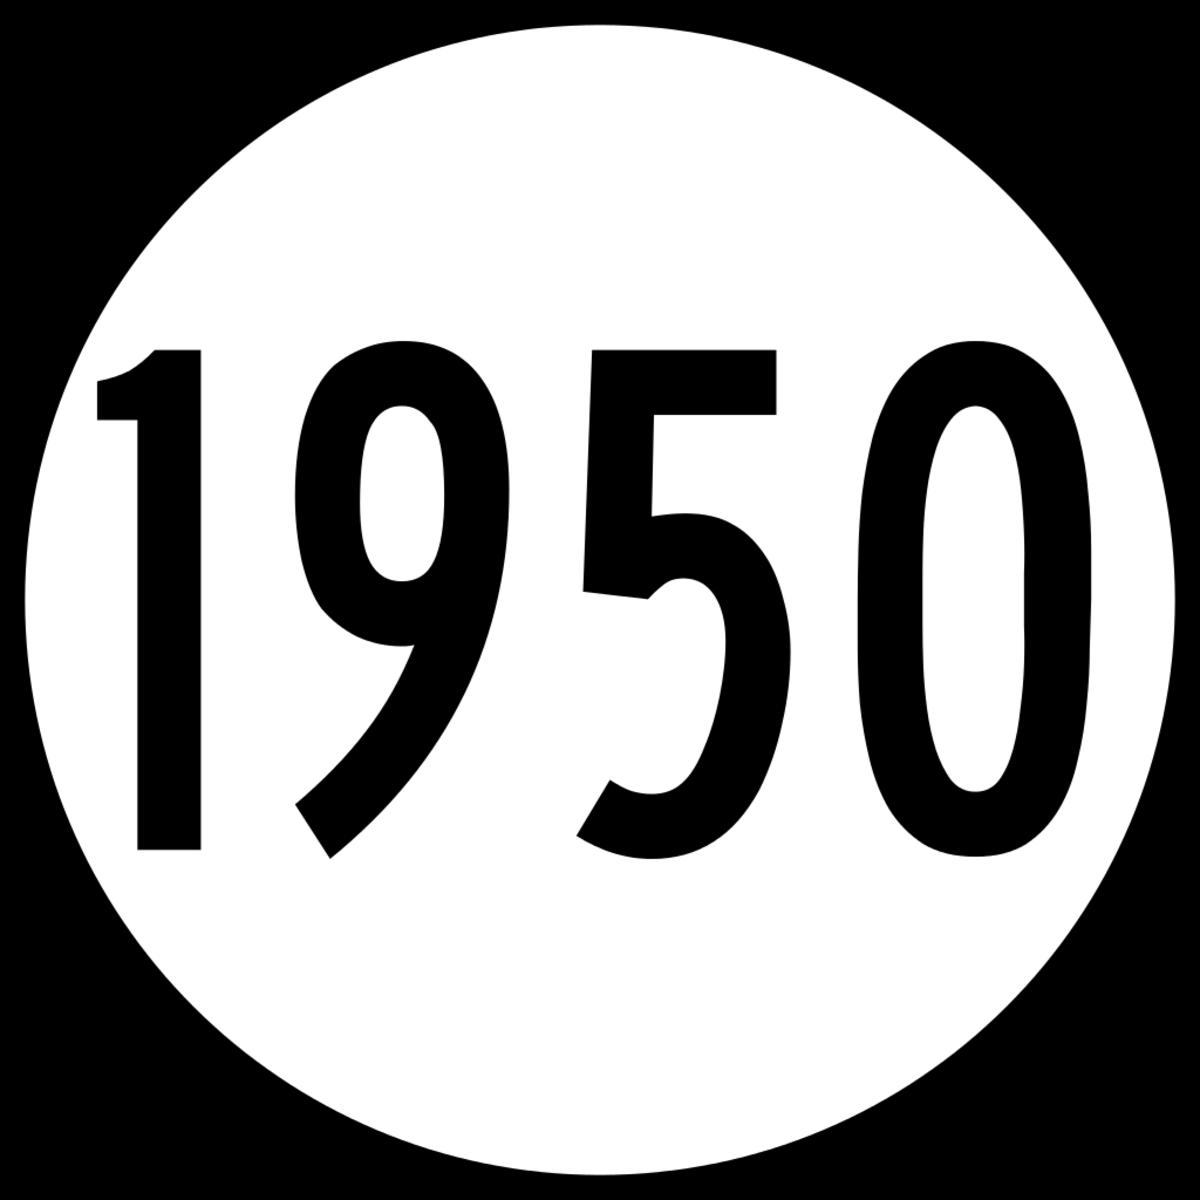 1950 Fun Facts Trivia And History Hobbylark